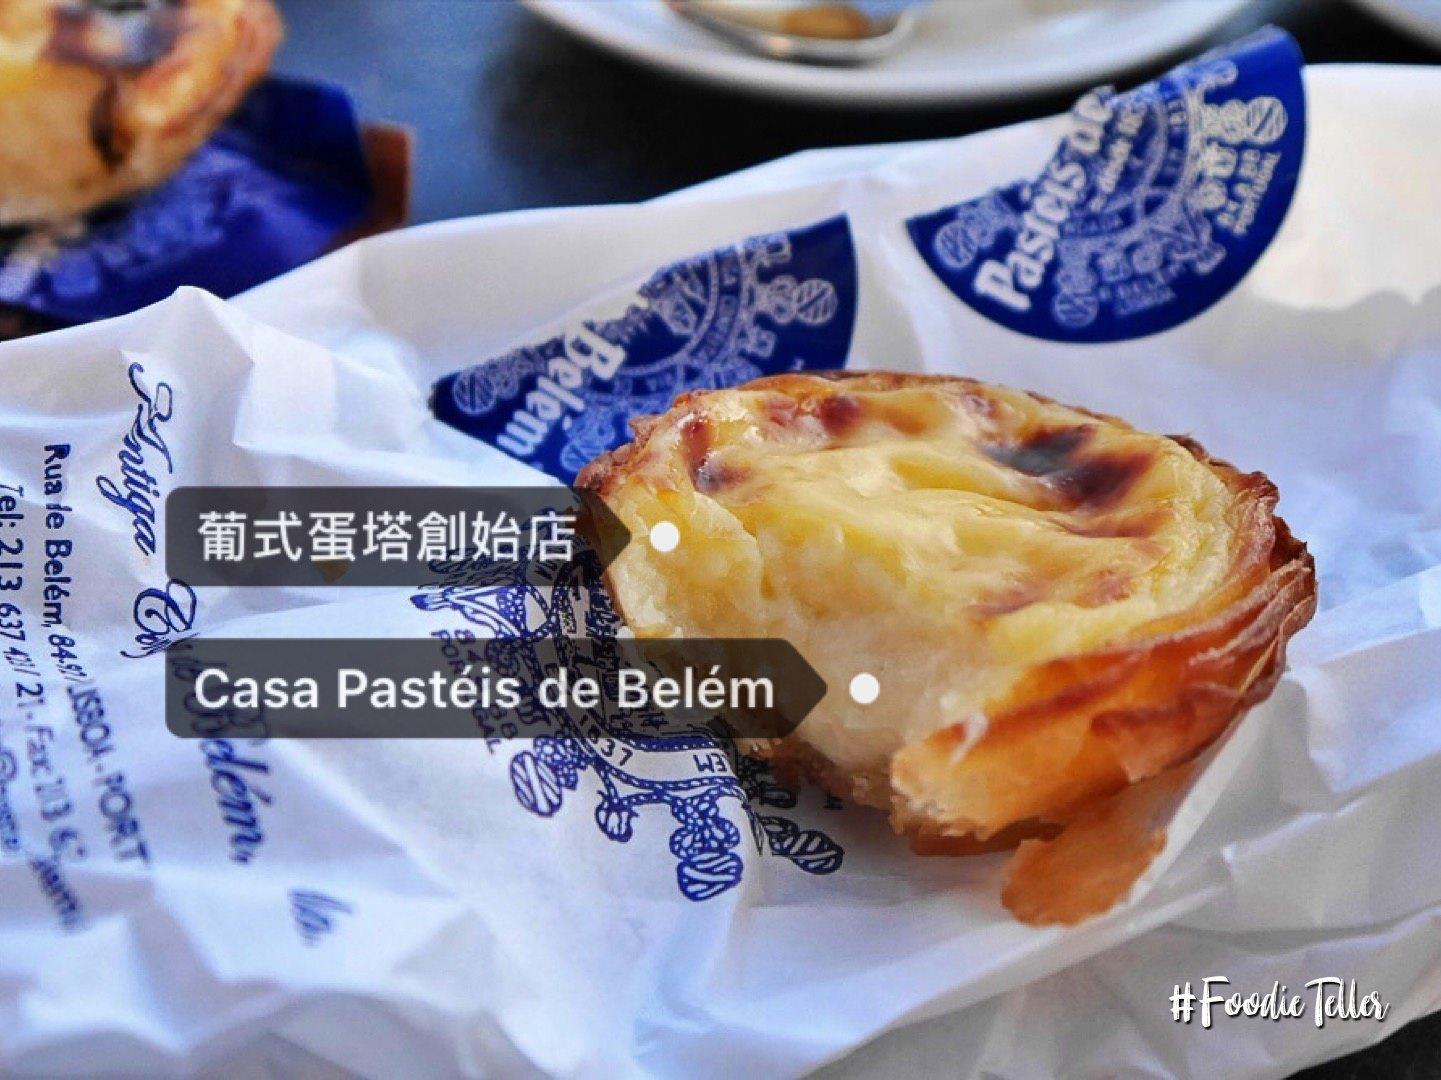 葡萄牙里斯本必吃蛋塔|葡式蛋塔創始店Pastéis de Belém貝倫區百年老店!